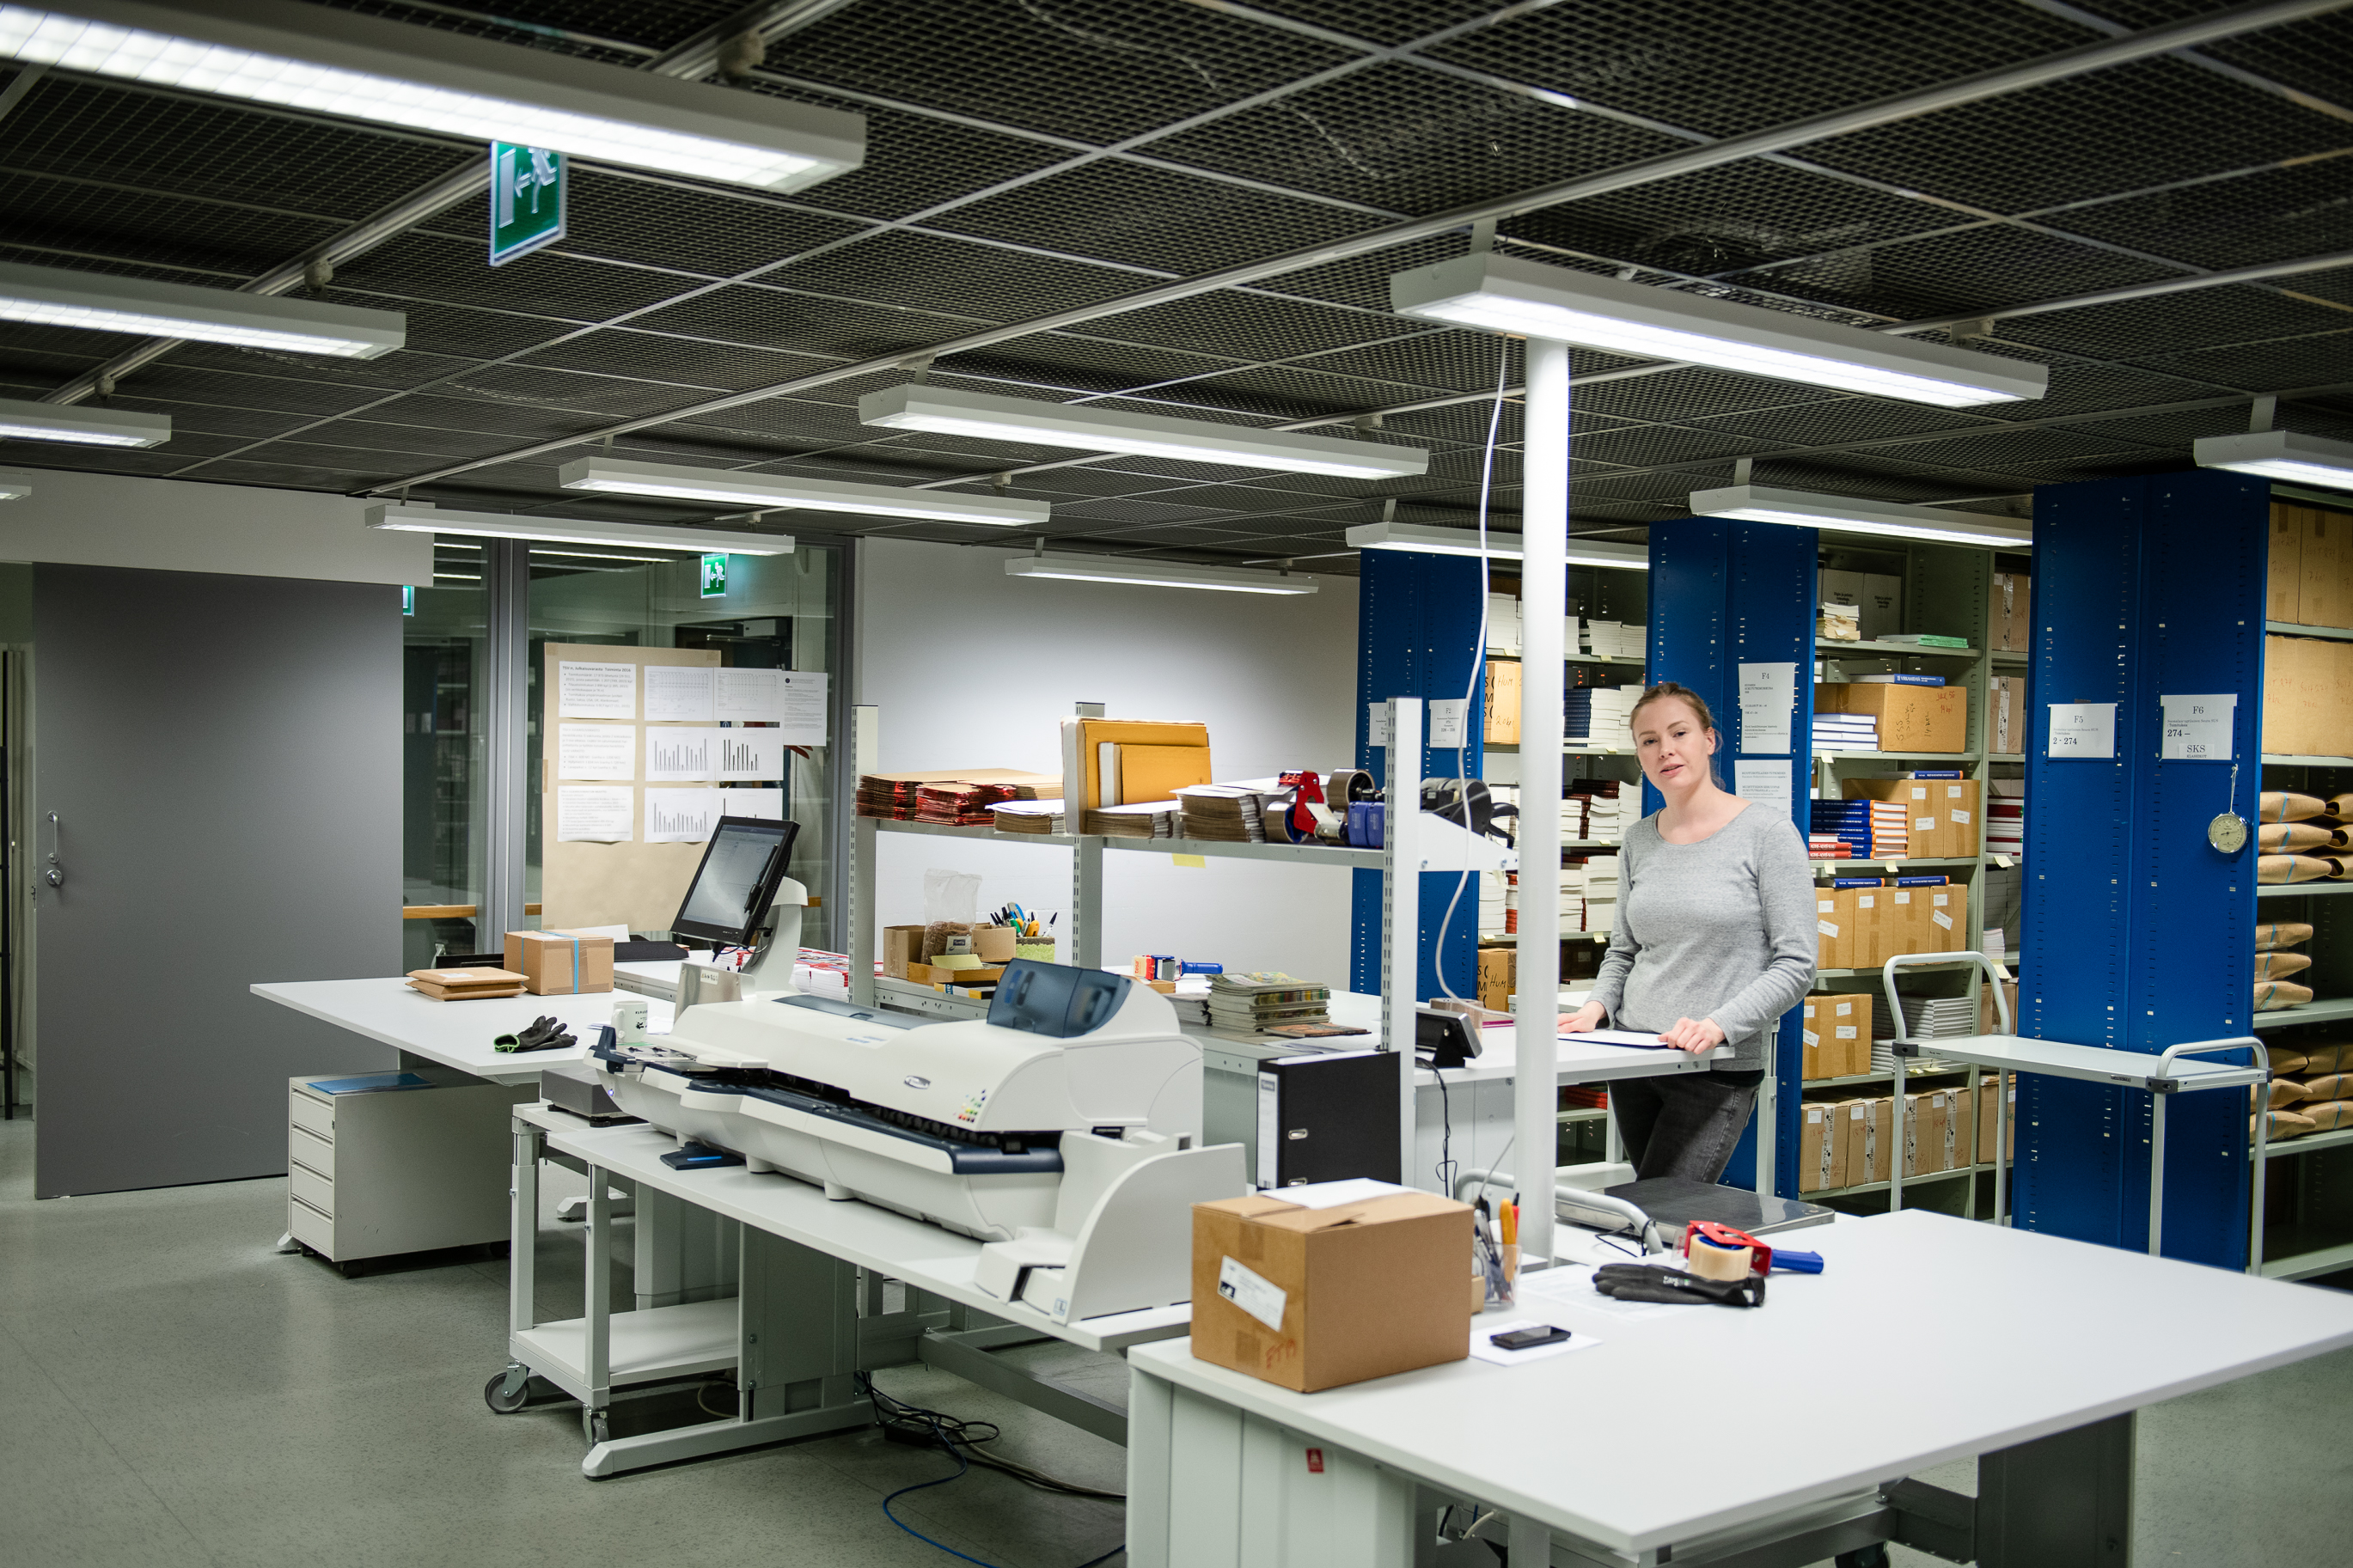 Lagrets arbetsstation, alltså ett bord vid vilken post packas. I bakgrunden hyllor med böcker och papplådor.